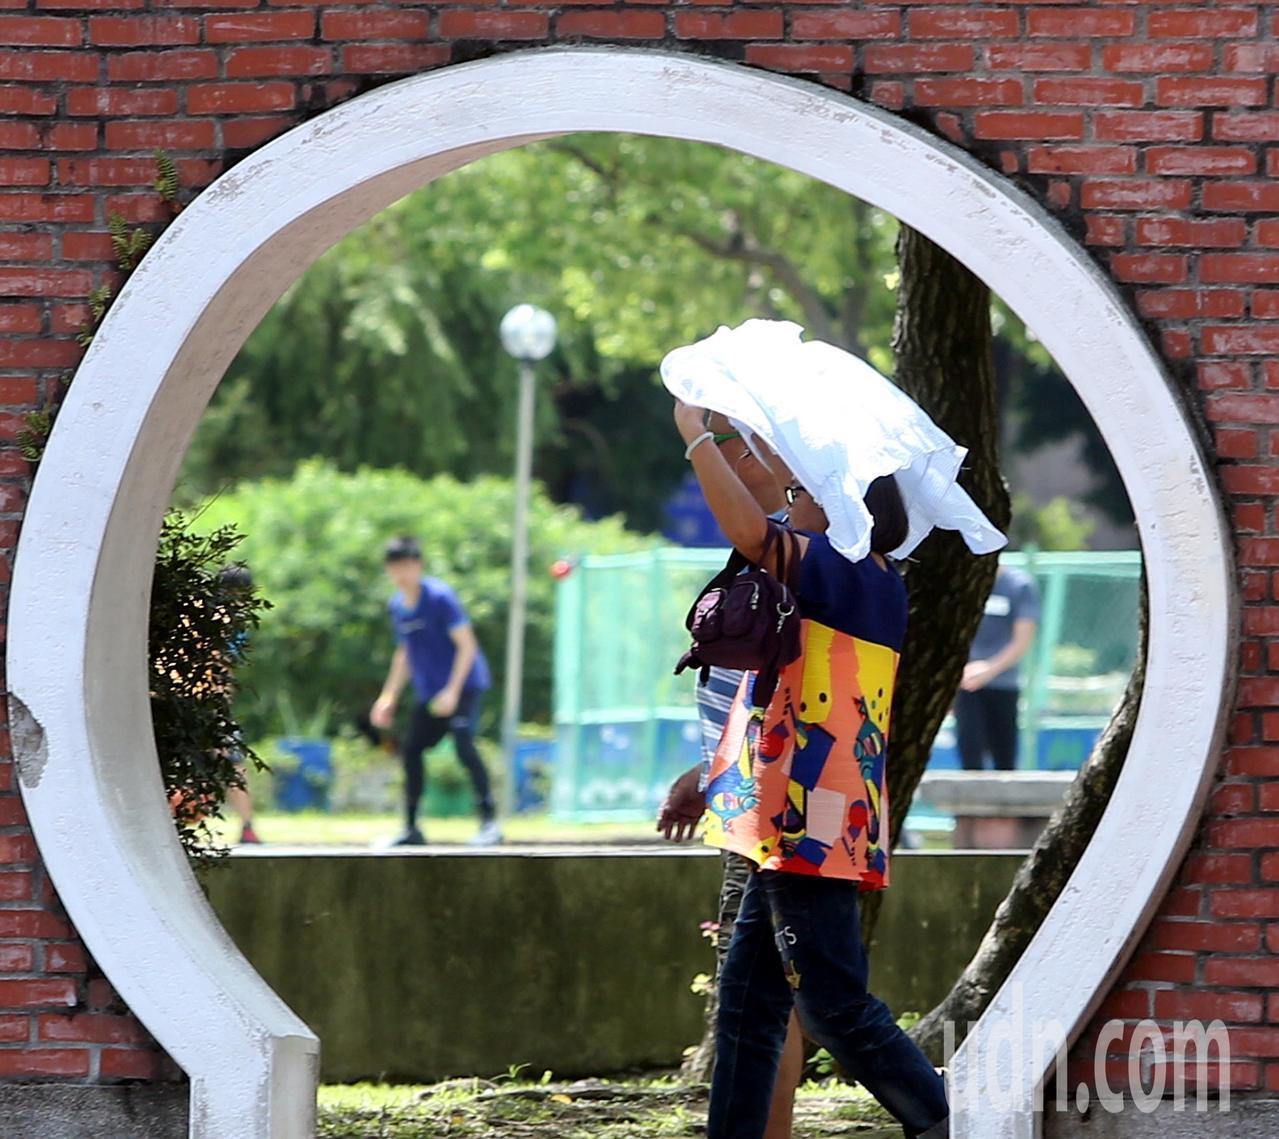 西南氣流減弱,陽光露臉氣溫回升,民眾披著薄外套防曬。記者侯永全/攝影